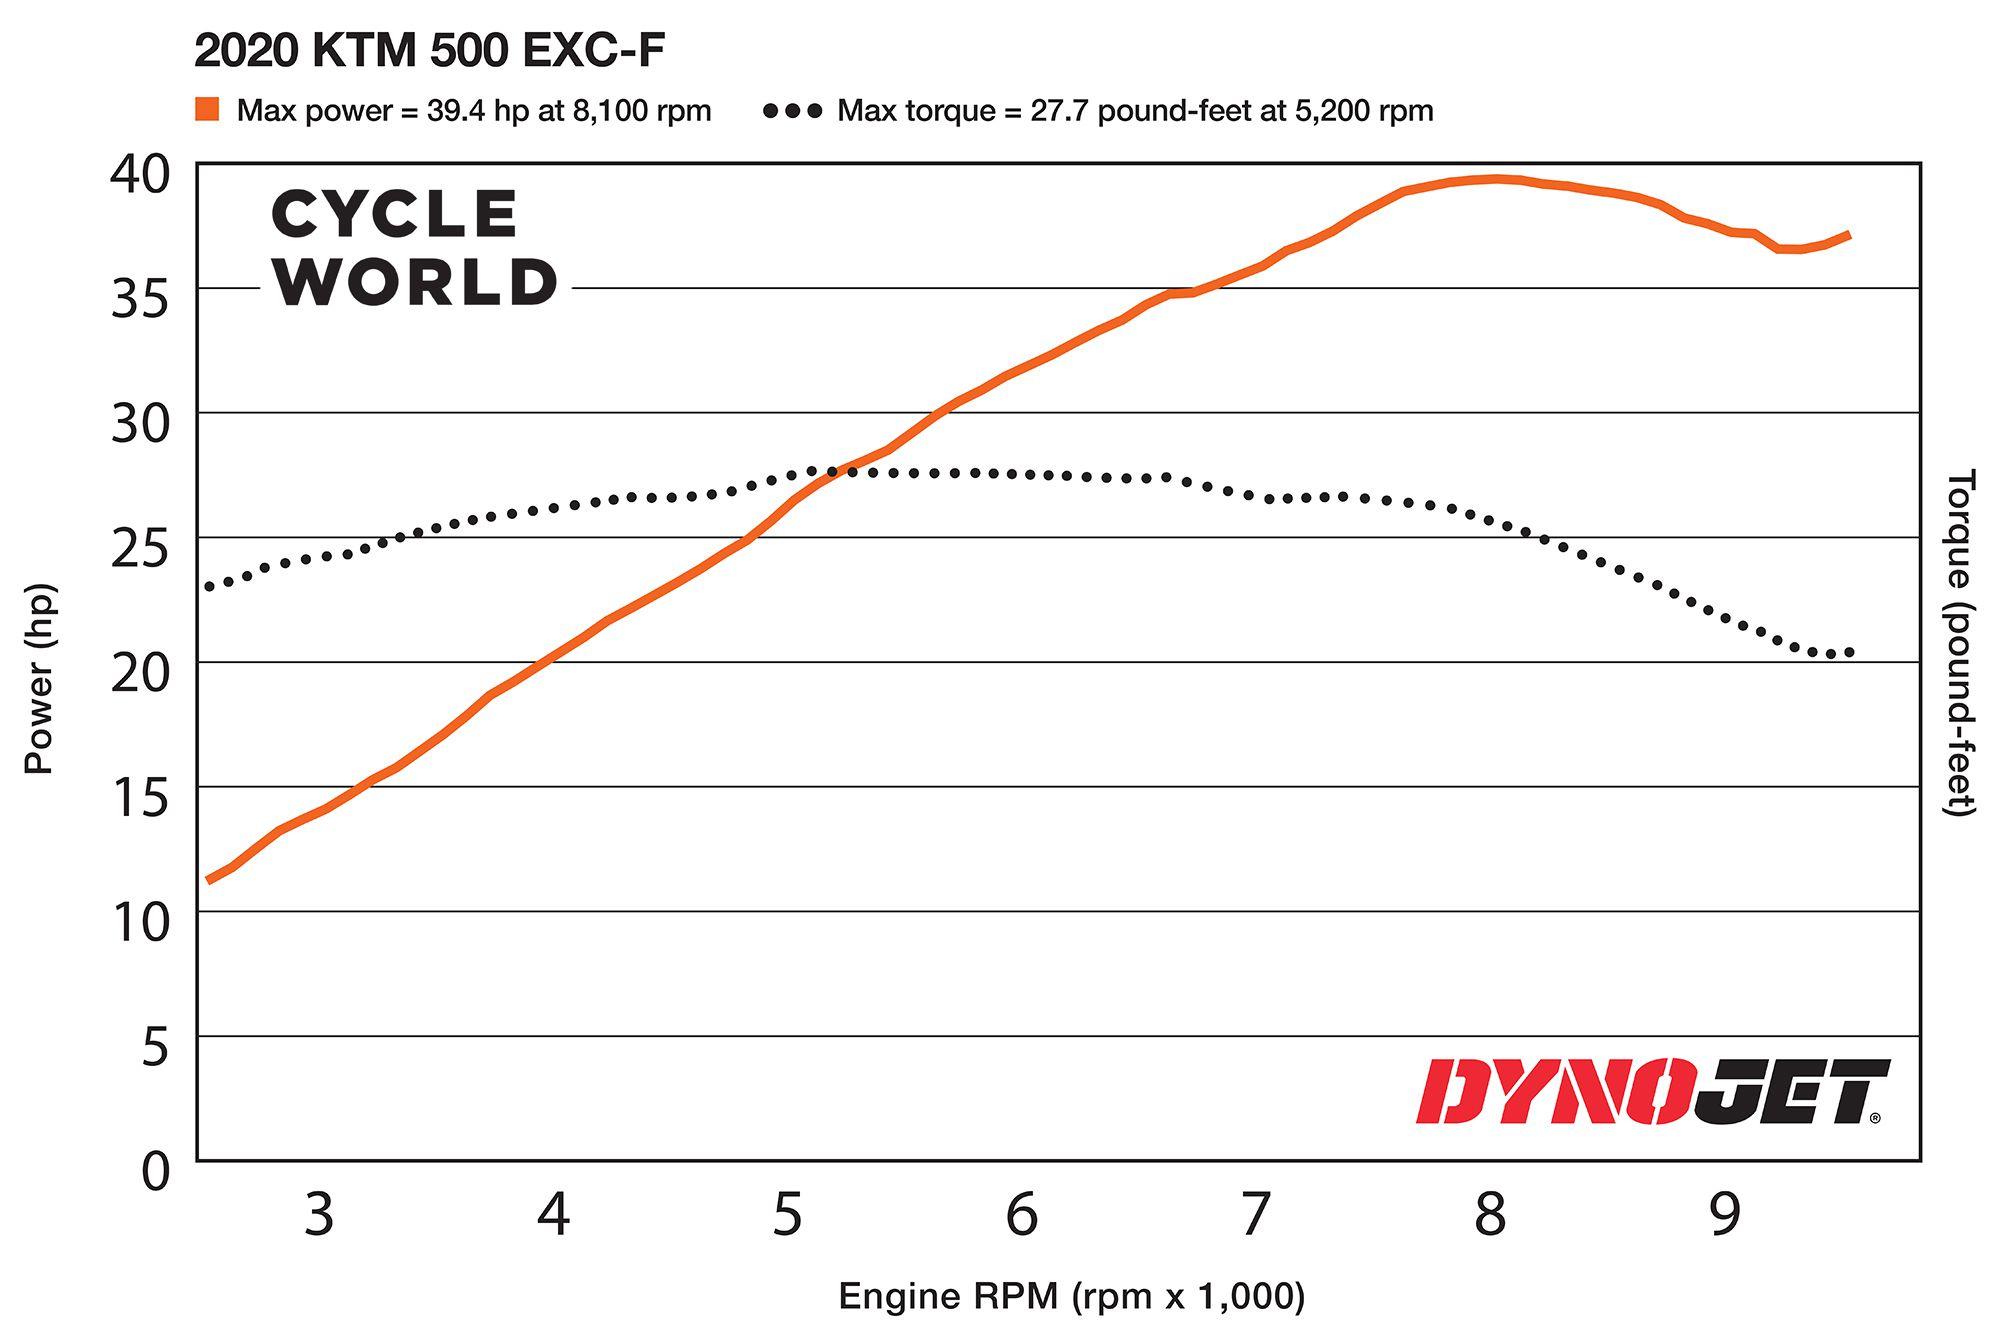 2020 KTM 500 EXC-F Dyno Chart